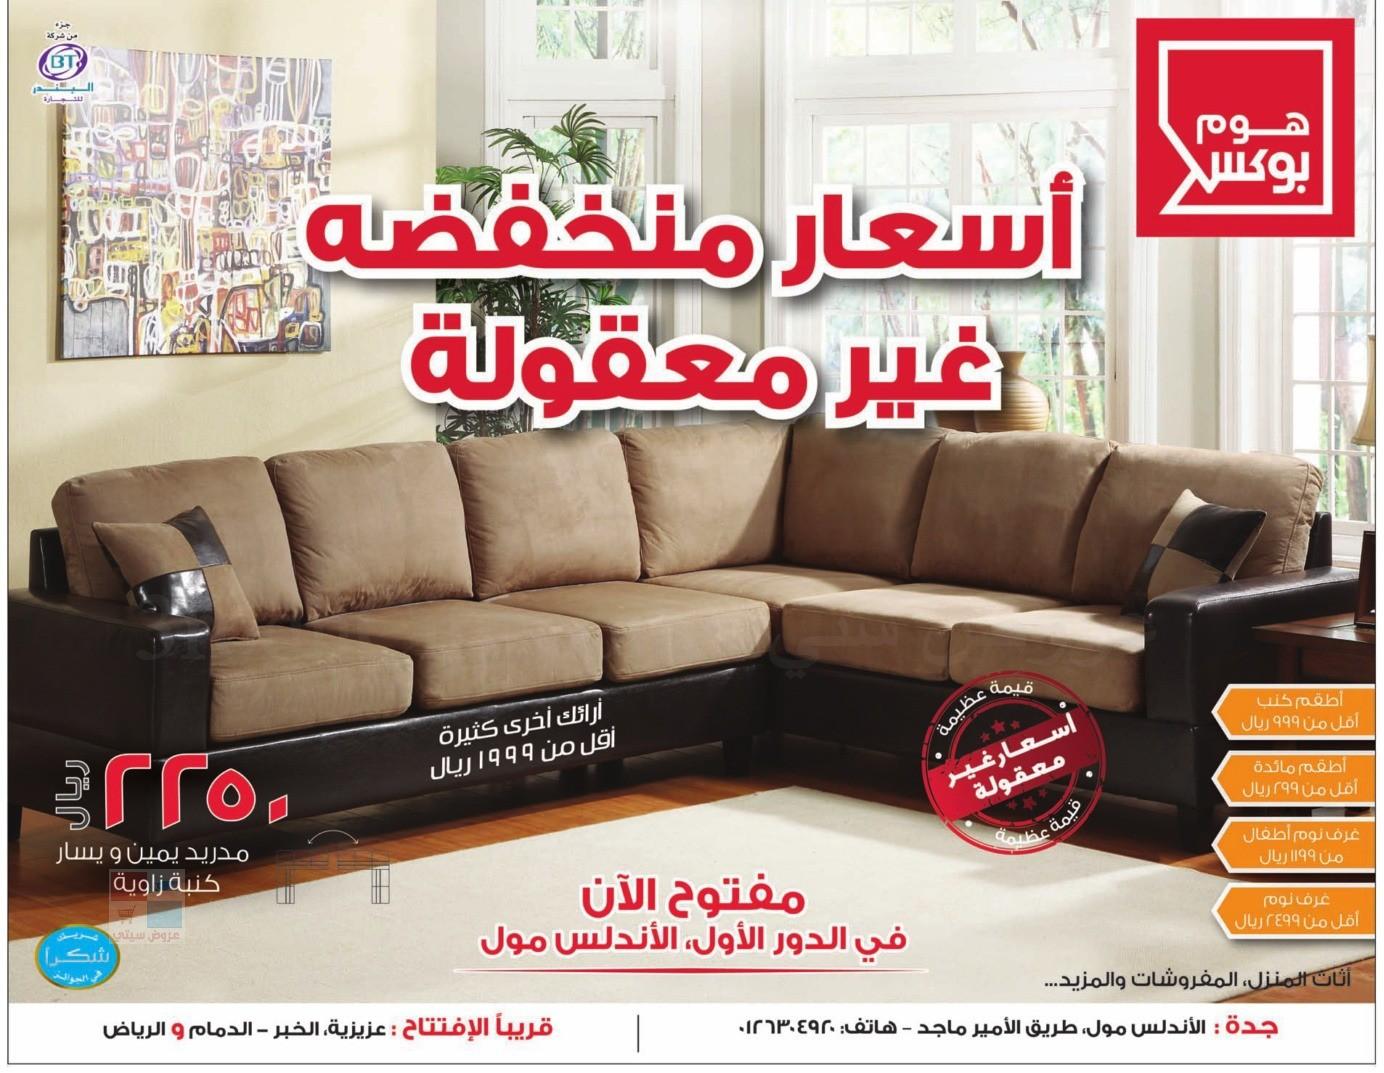 هوم بوكس home box للأثاث عروض خاصة بمناسبة افتتاح اول فرع بالسعودية UN5BzI.jpg